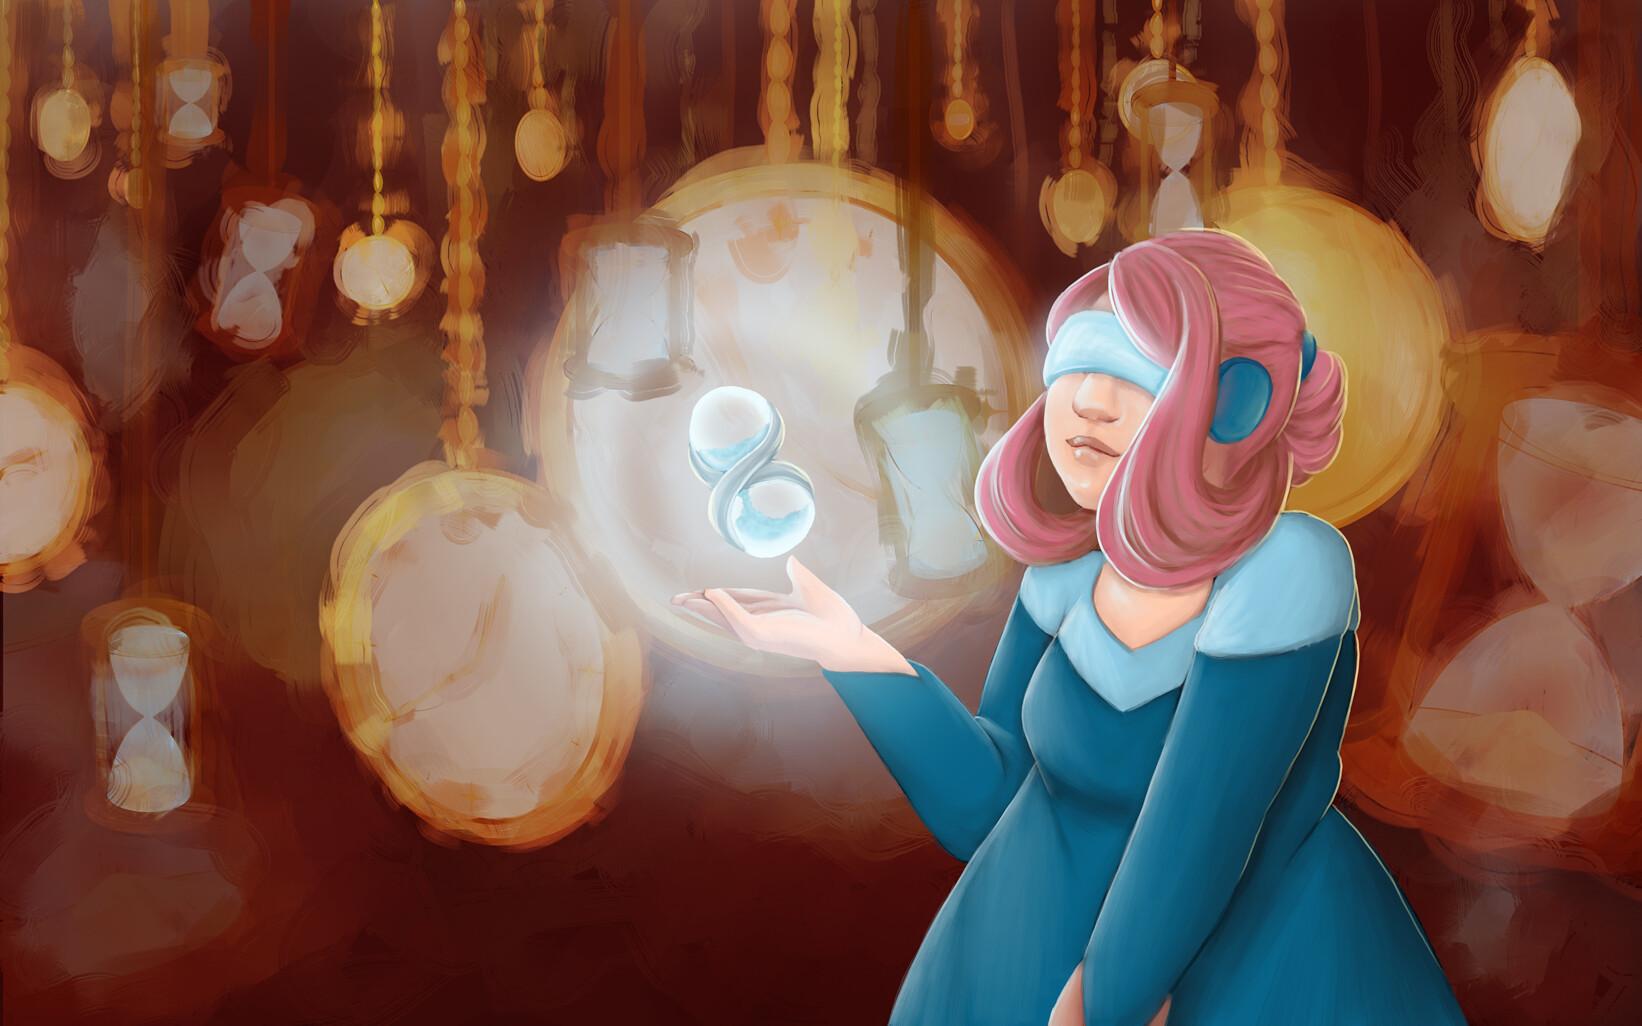 Imagem finalizada. Mostra uma mulher de cabelos rosas preso num coque e vestido azul de mangas compridas e corte simples usando um visor sobre os olhos, escondidos pelo aparato. Ela possui uma ampulheta, que flutua suavemente sobre sua palma aberta e brilha num tom azulado. O fundo é uma confusão de relógios de bolso e ampulhetas pendurados por correntes.